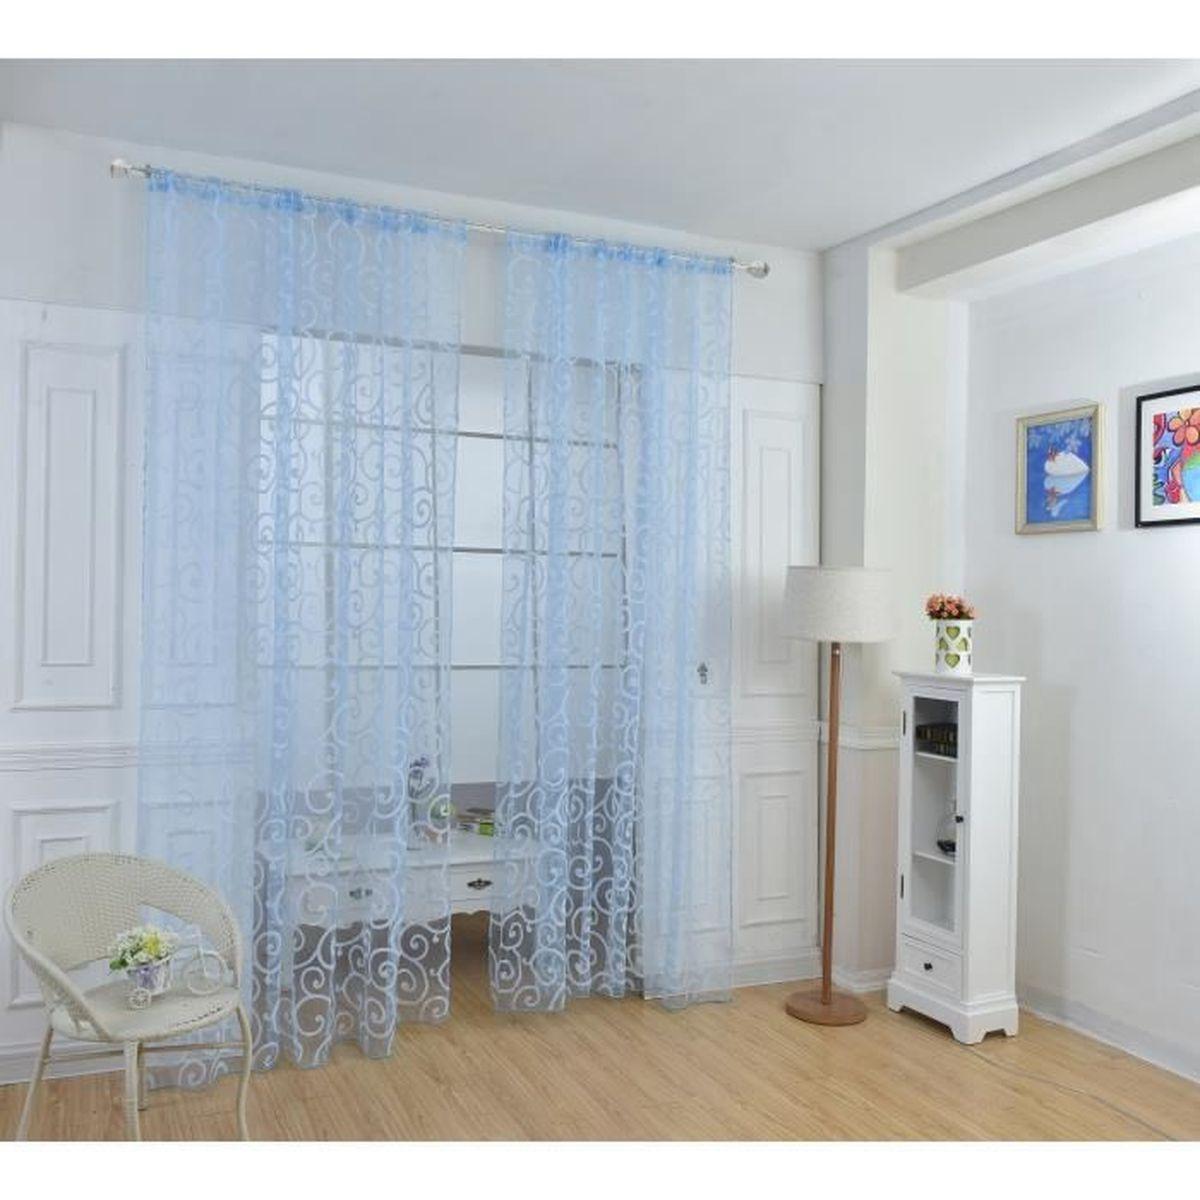 Rideau Pour Porte Fenetre 1pcs 100x270cm rideaux voilage pour porte fenêtre, rideaux